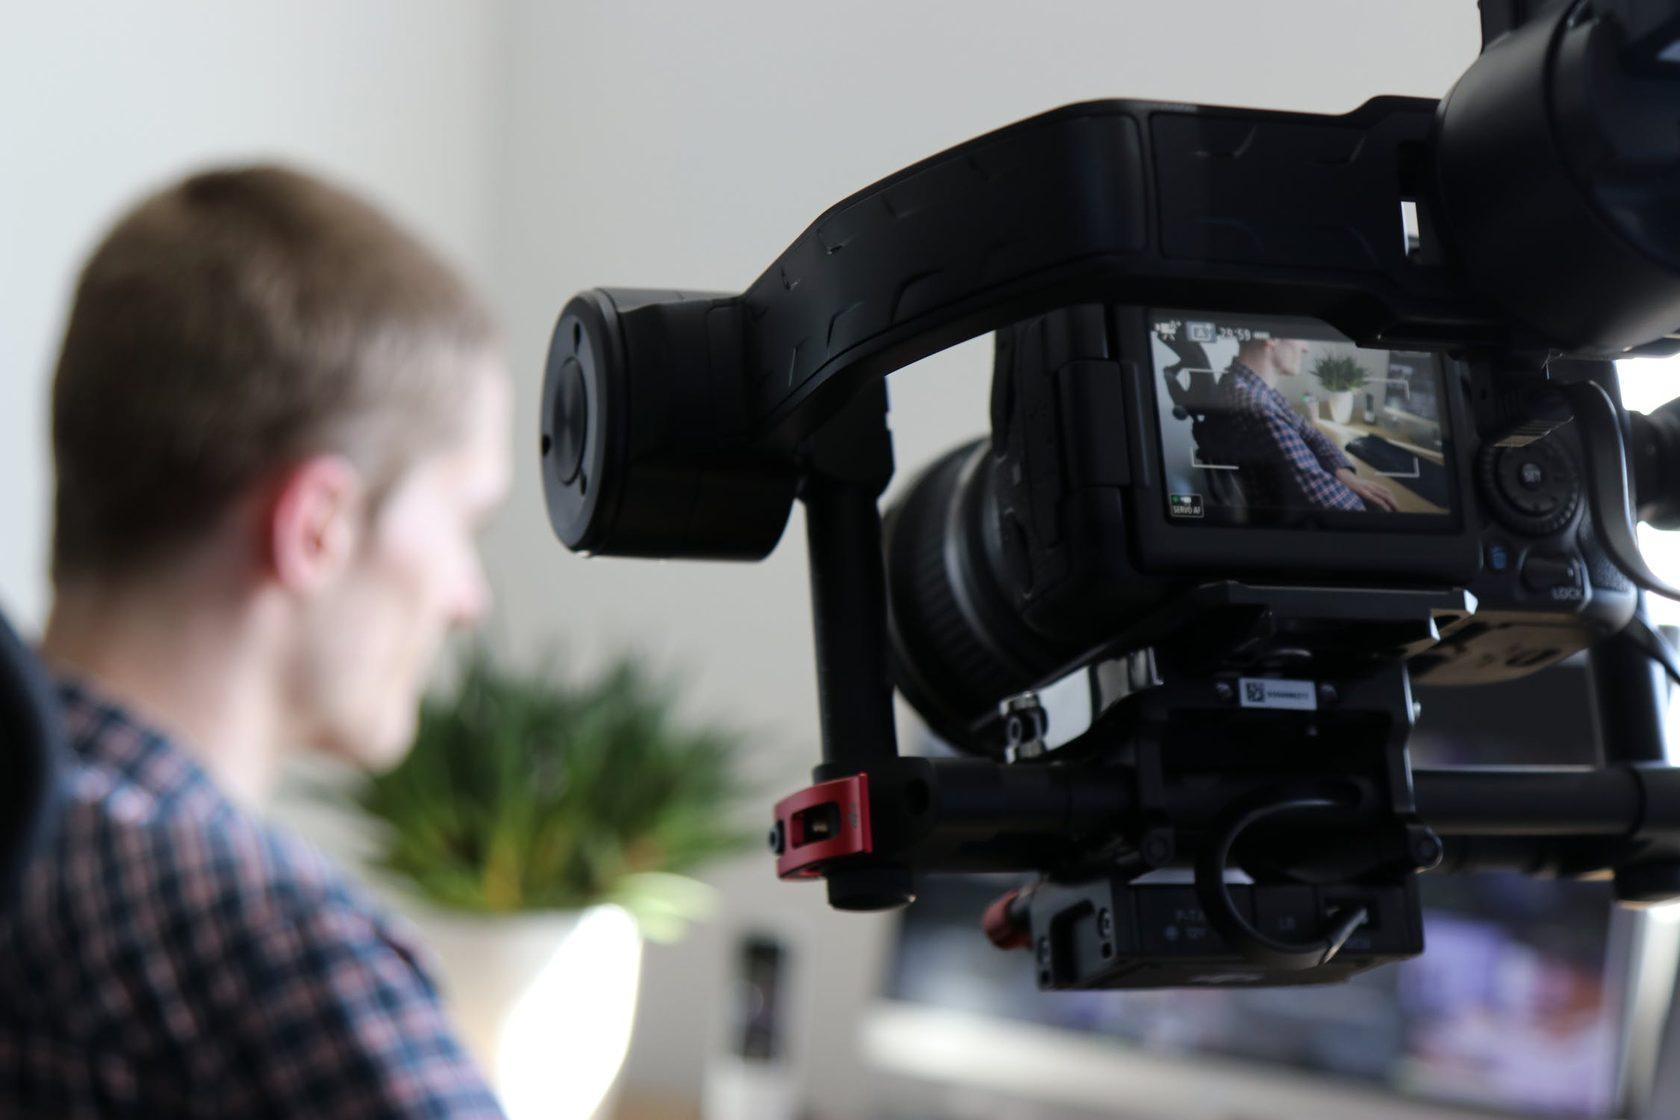 videorolik-odnopolovie-chelovek-on-plyus-on-porno-video